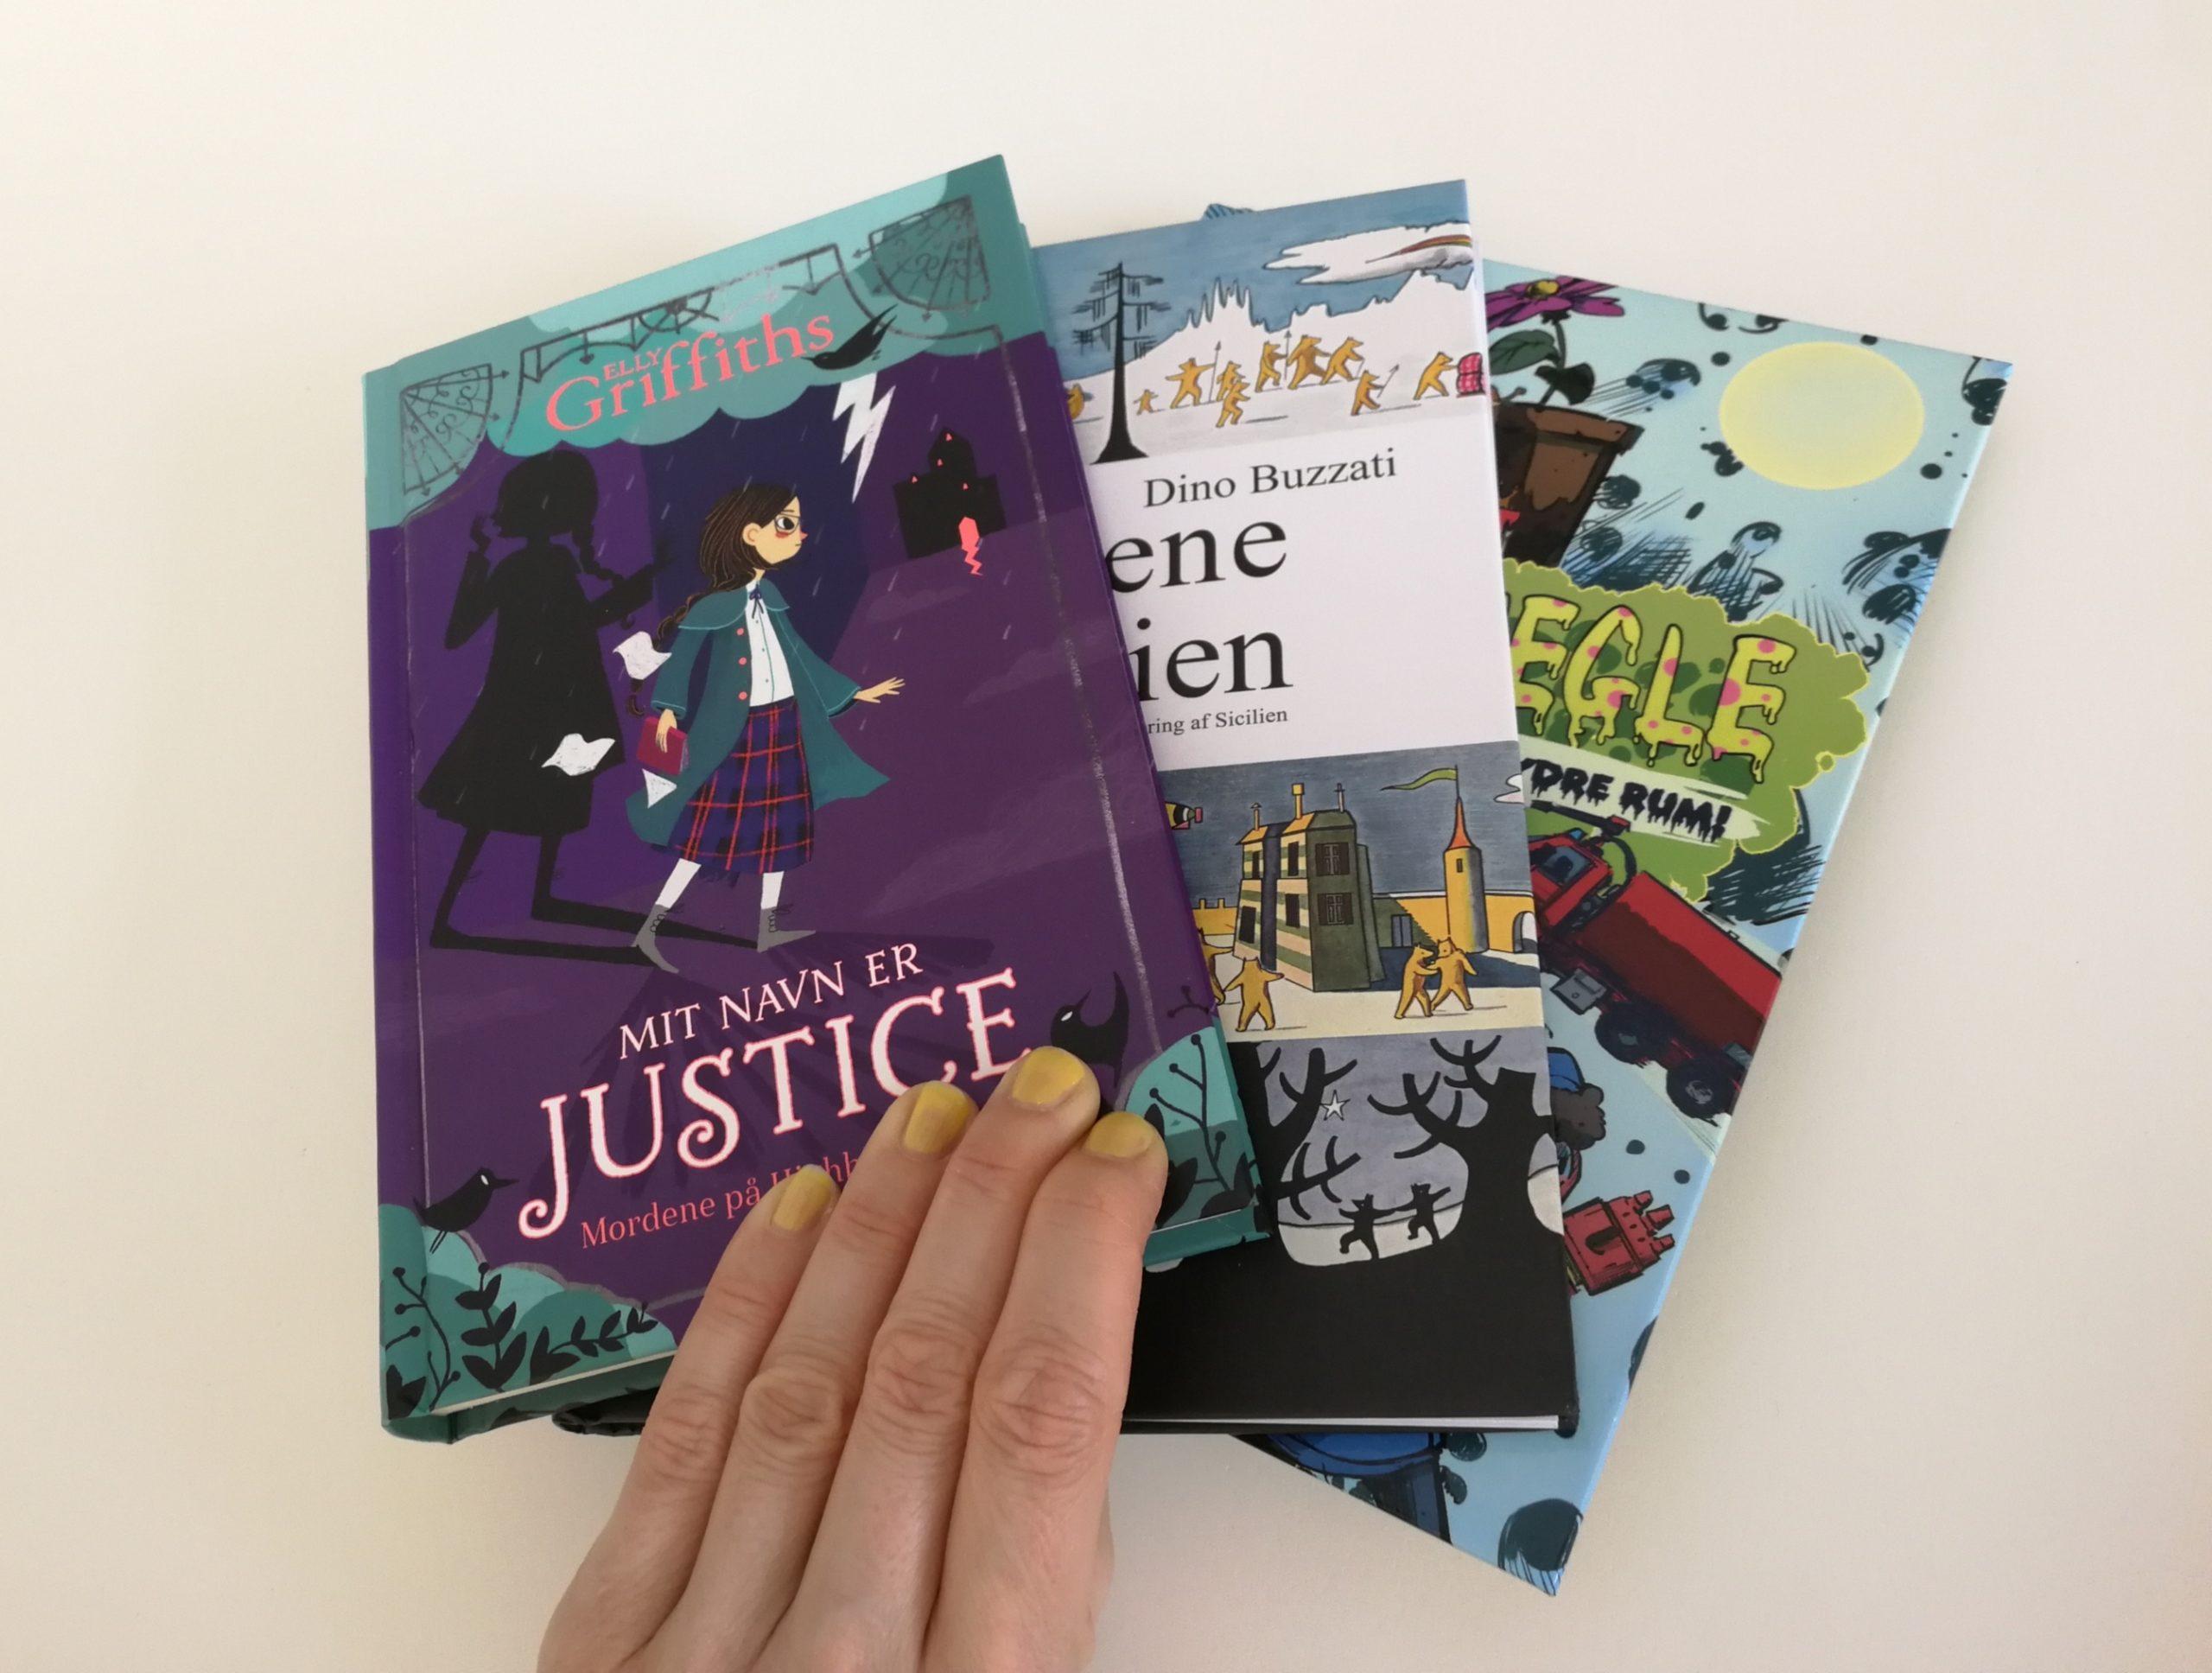 læsning højtlæsning børnebog læseglæde kulturmor anmeldelse